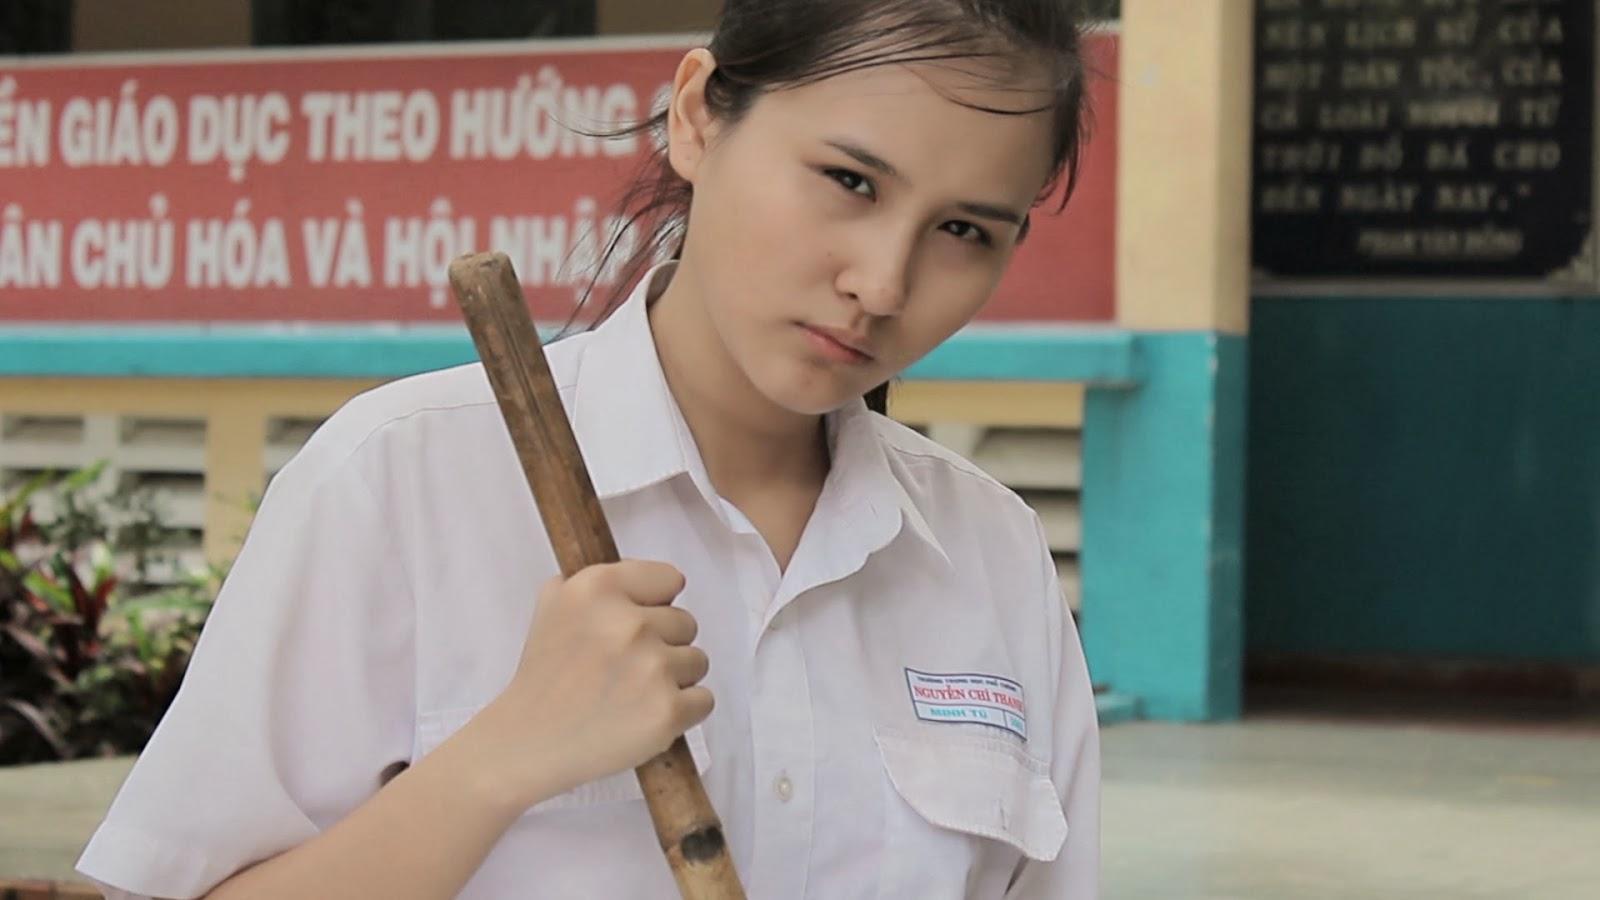 Anh Thợ May Và Chị Đại - Fu Production (2013)